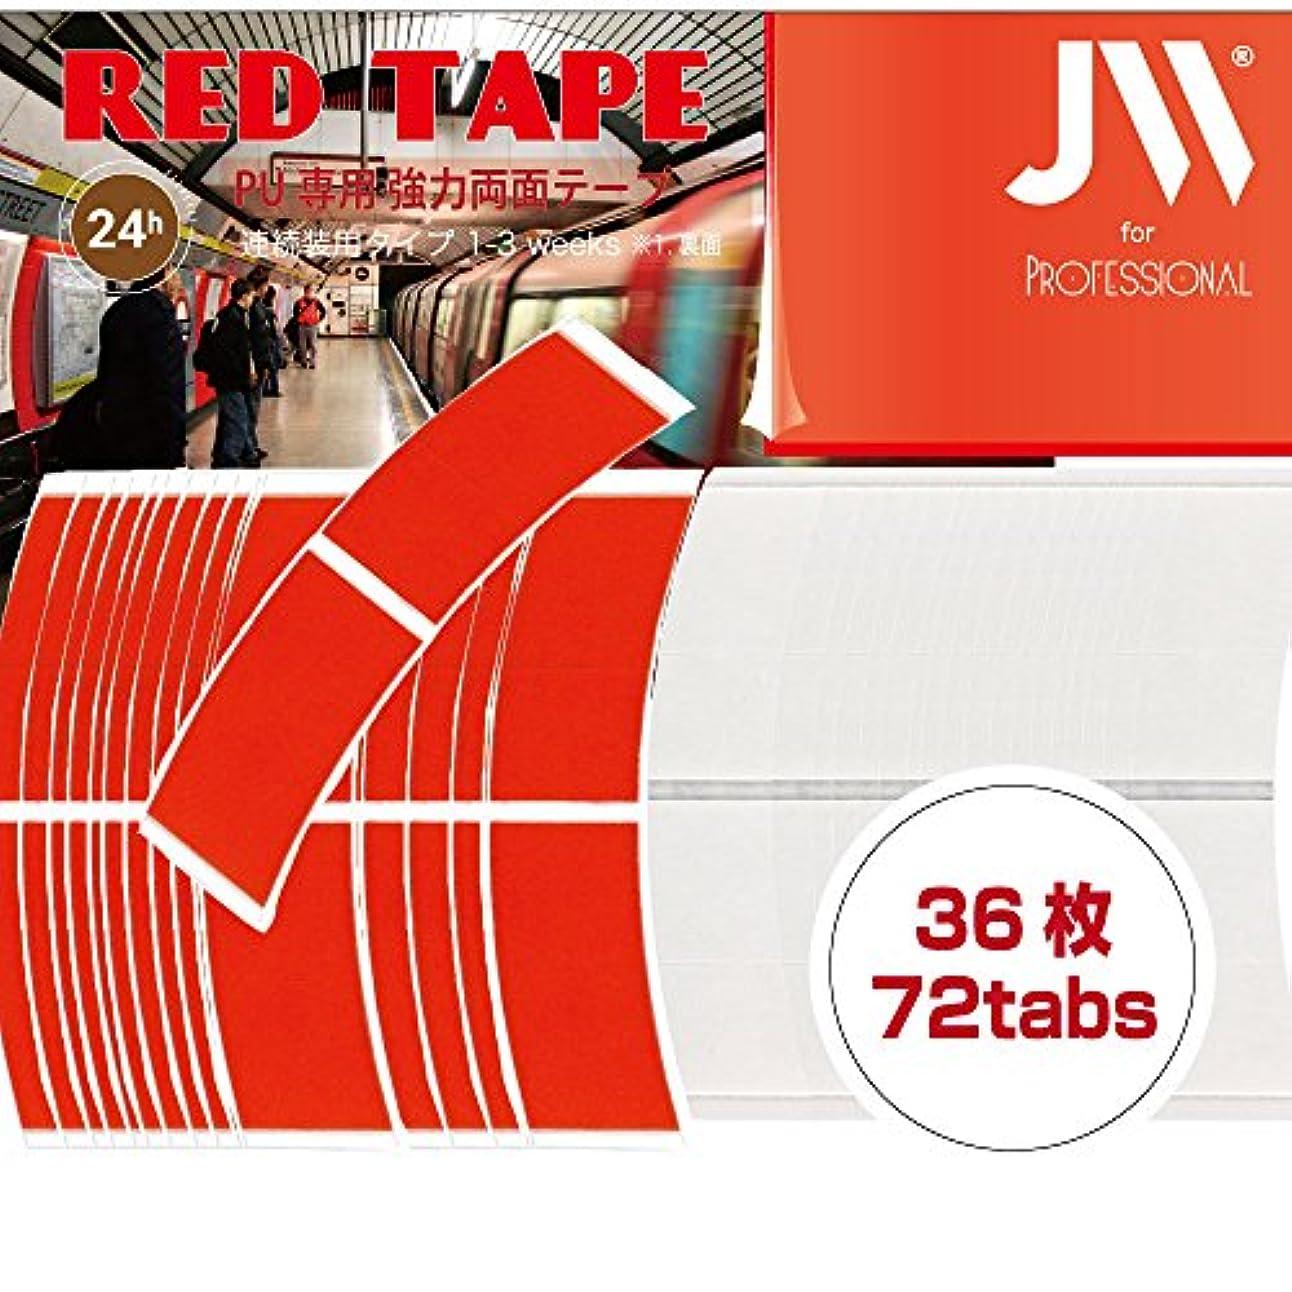 ドット罪悪感漫画強力両面テープ:RED TAPE1袋36枚入り(小分け72枚)テープ形状:アジアカーブ …